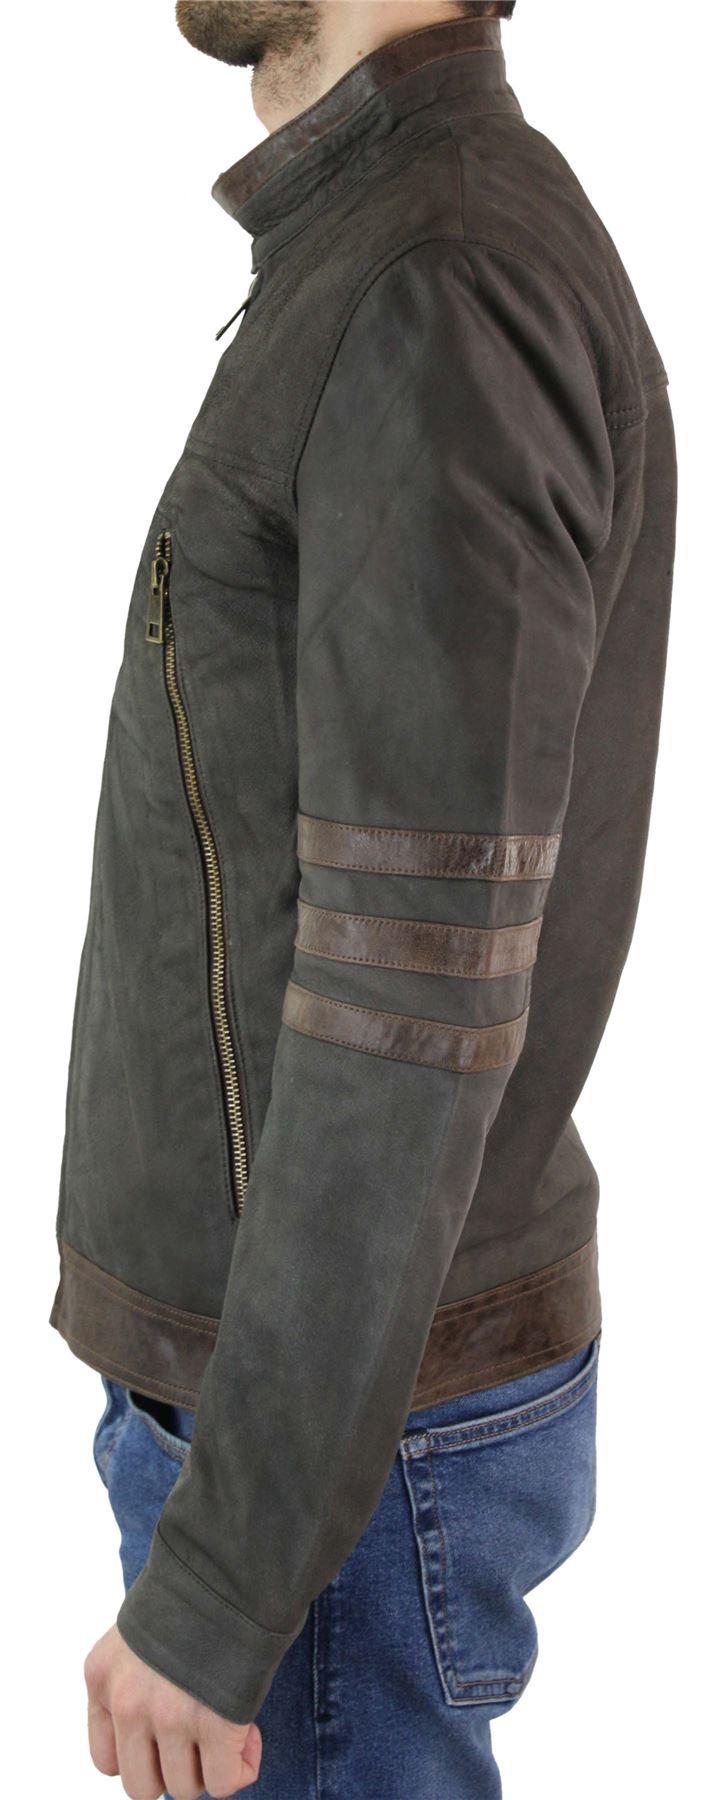 Mens X-Men Wolverine Zipped Biker Racing Jacket Black Brown Real Leather Genuine